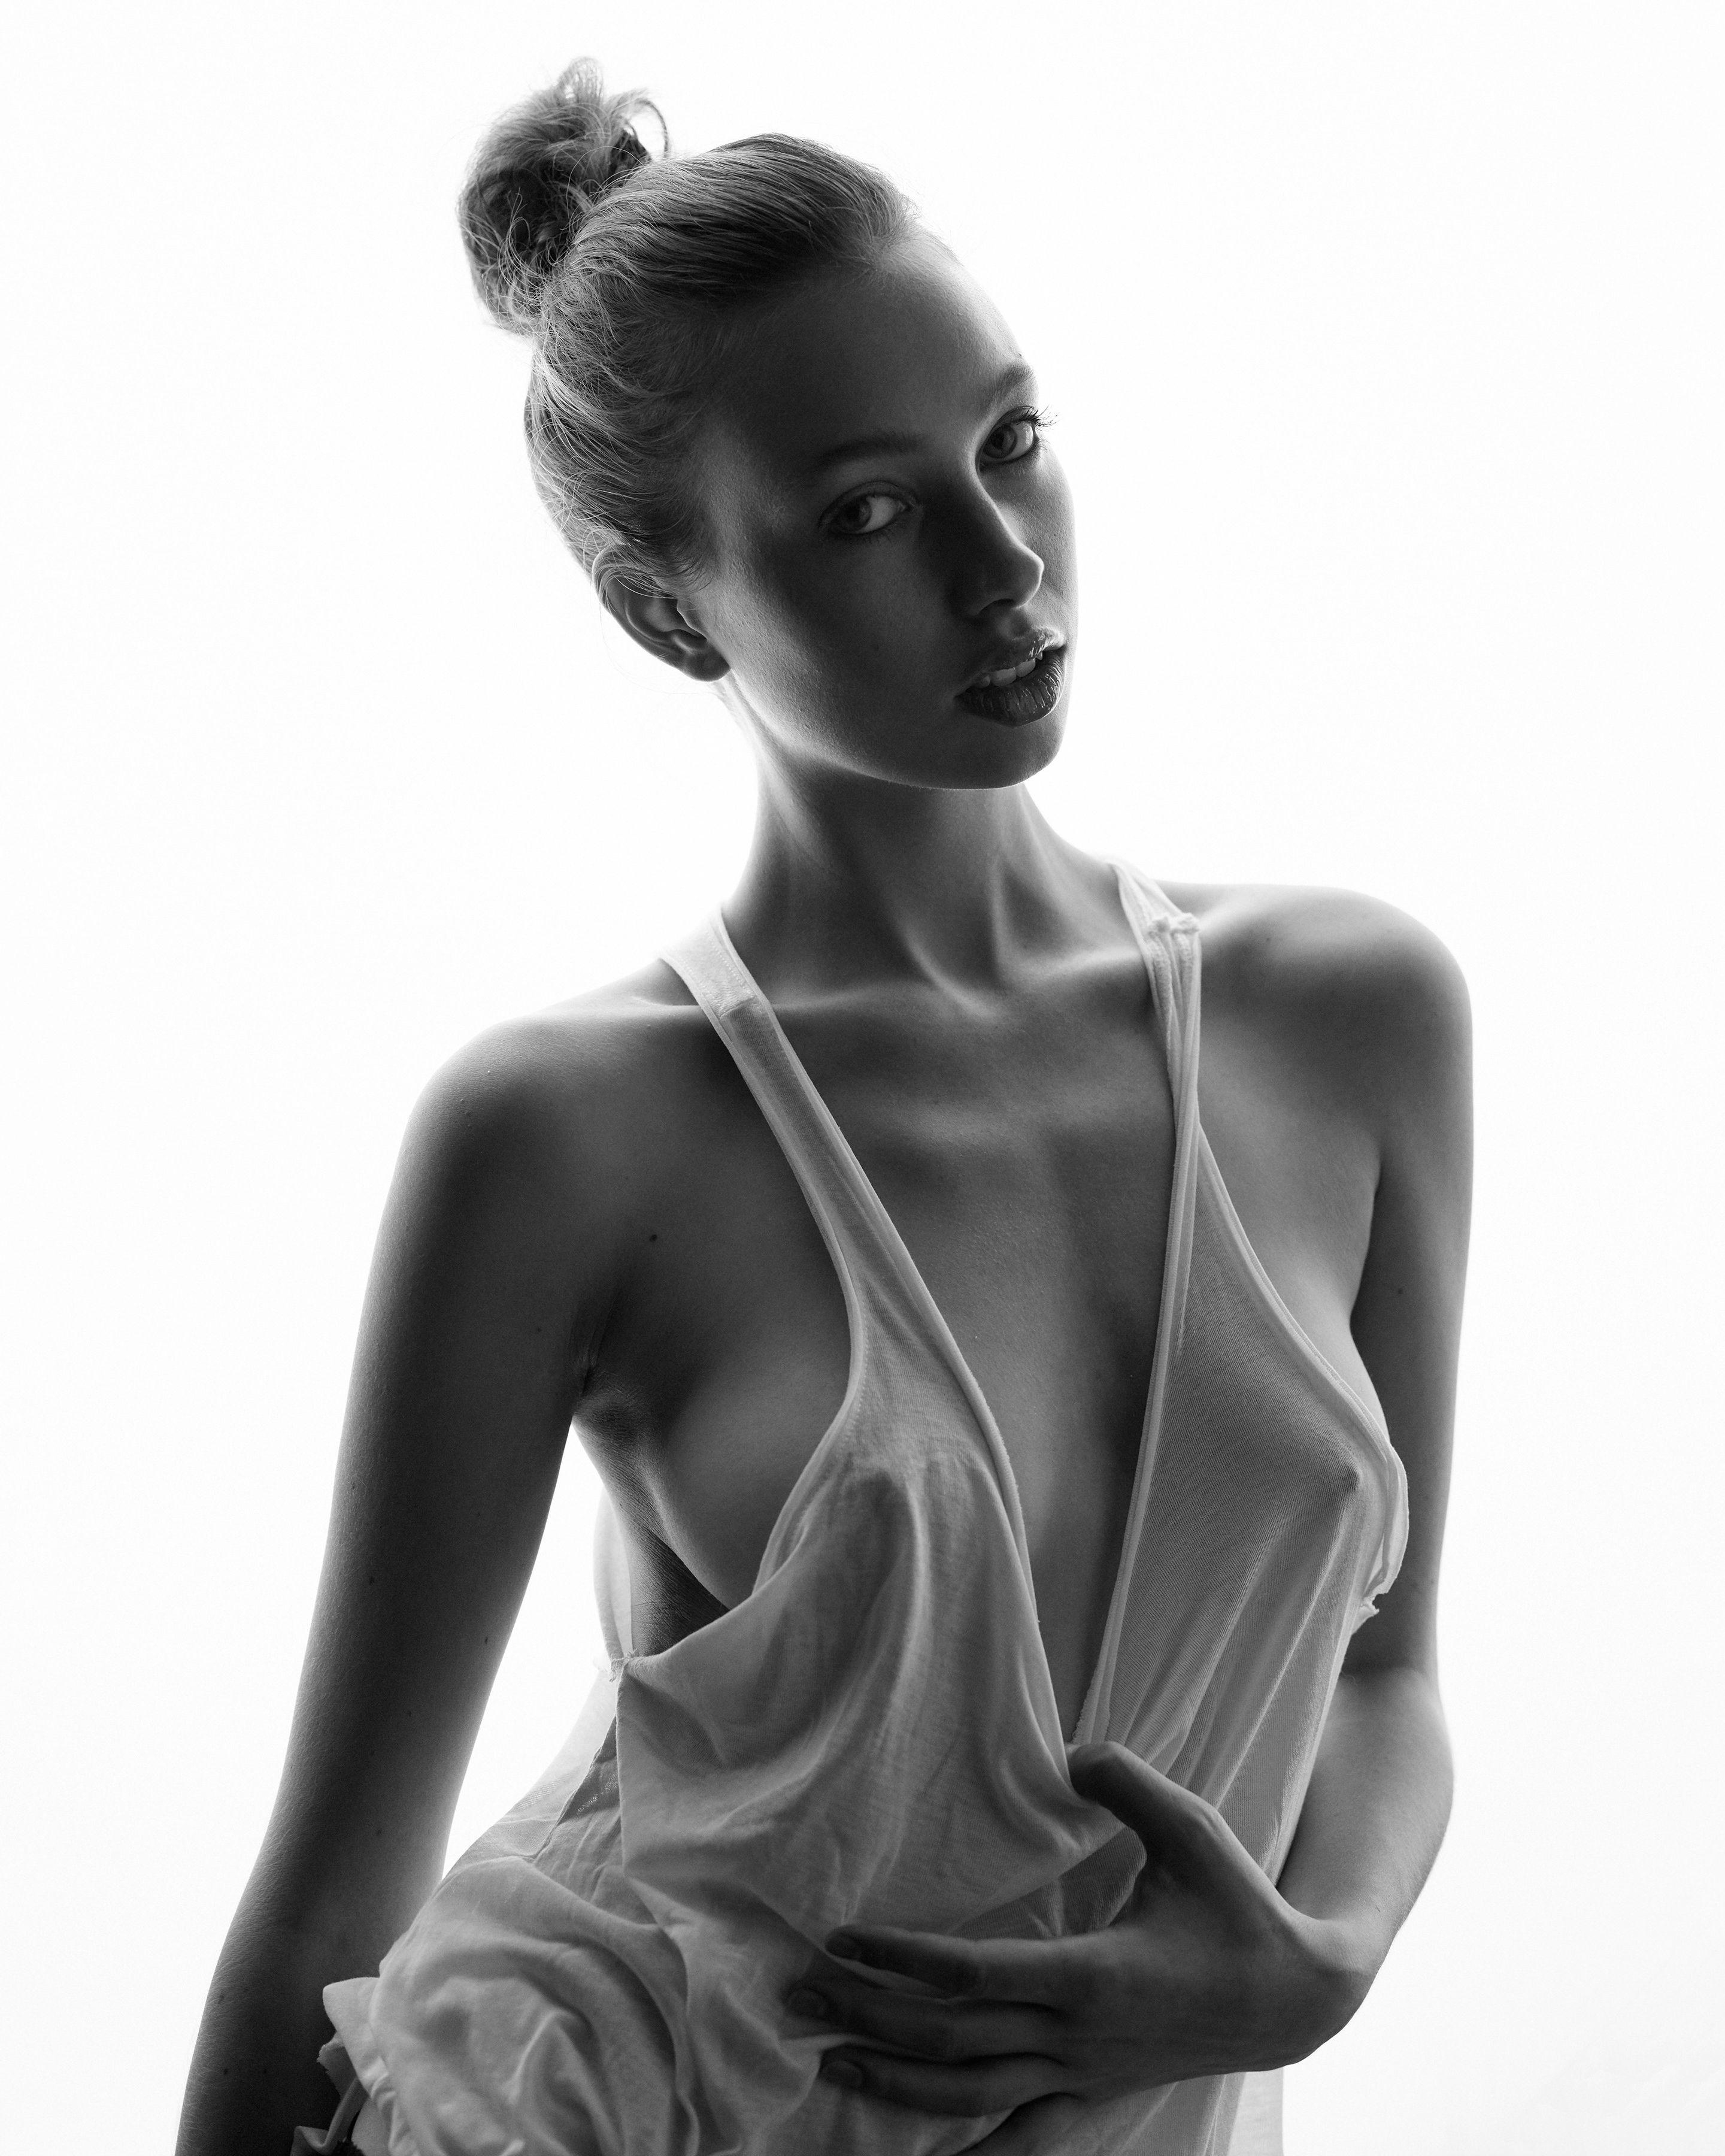 Selfie Instagram Tillie Medland naked photo 2017